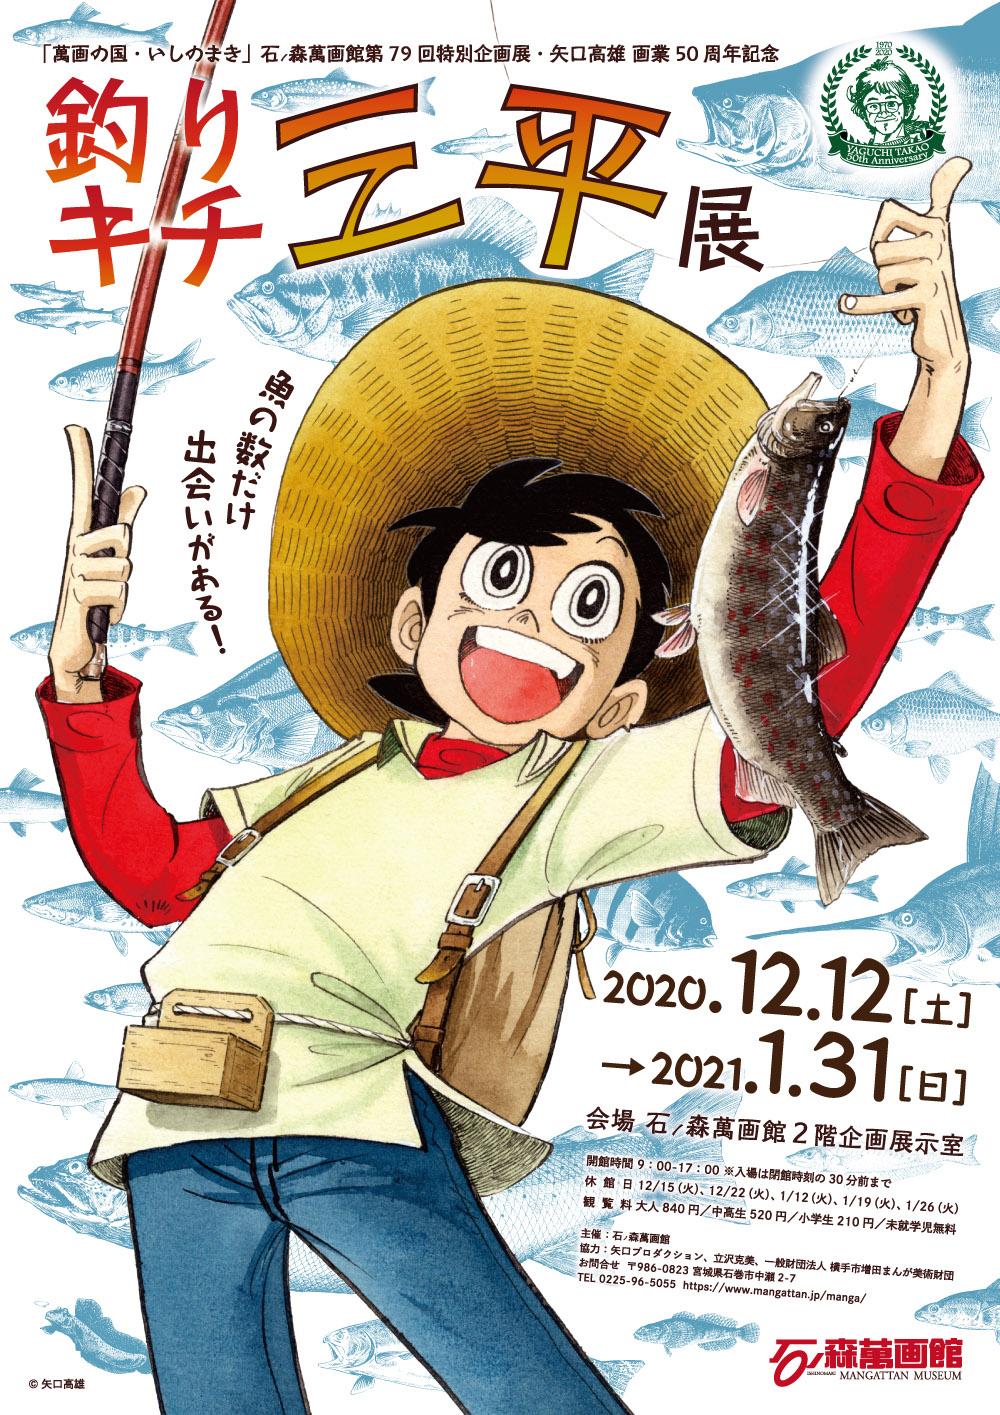 「釣りキチ三平」の魅力を堪能できる企画展が宮城県石巻市で開催